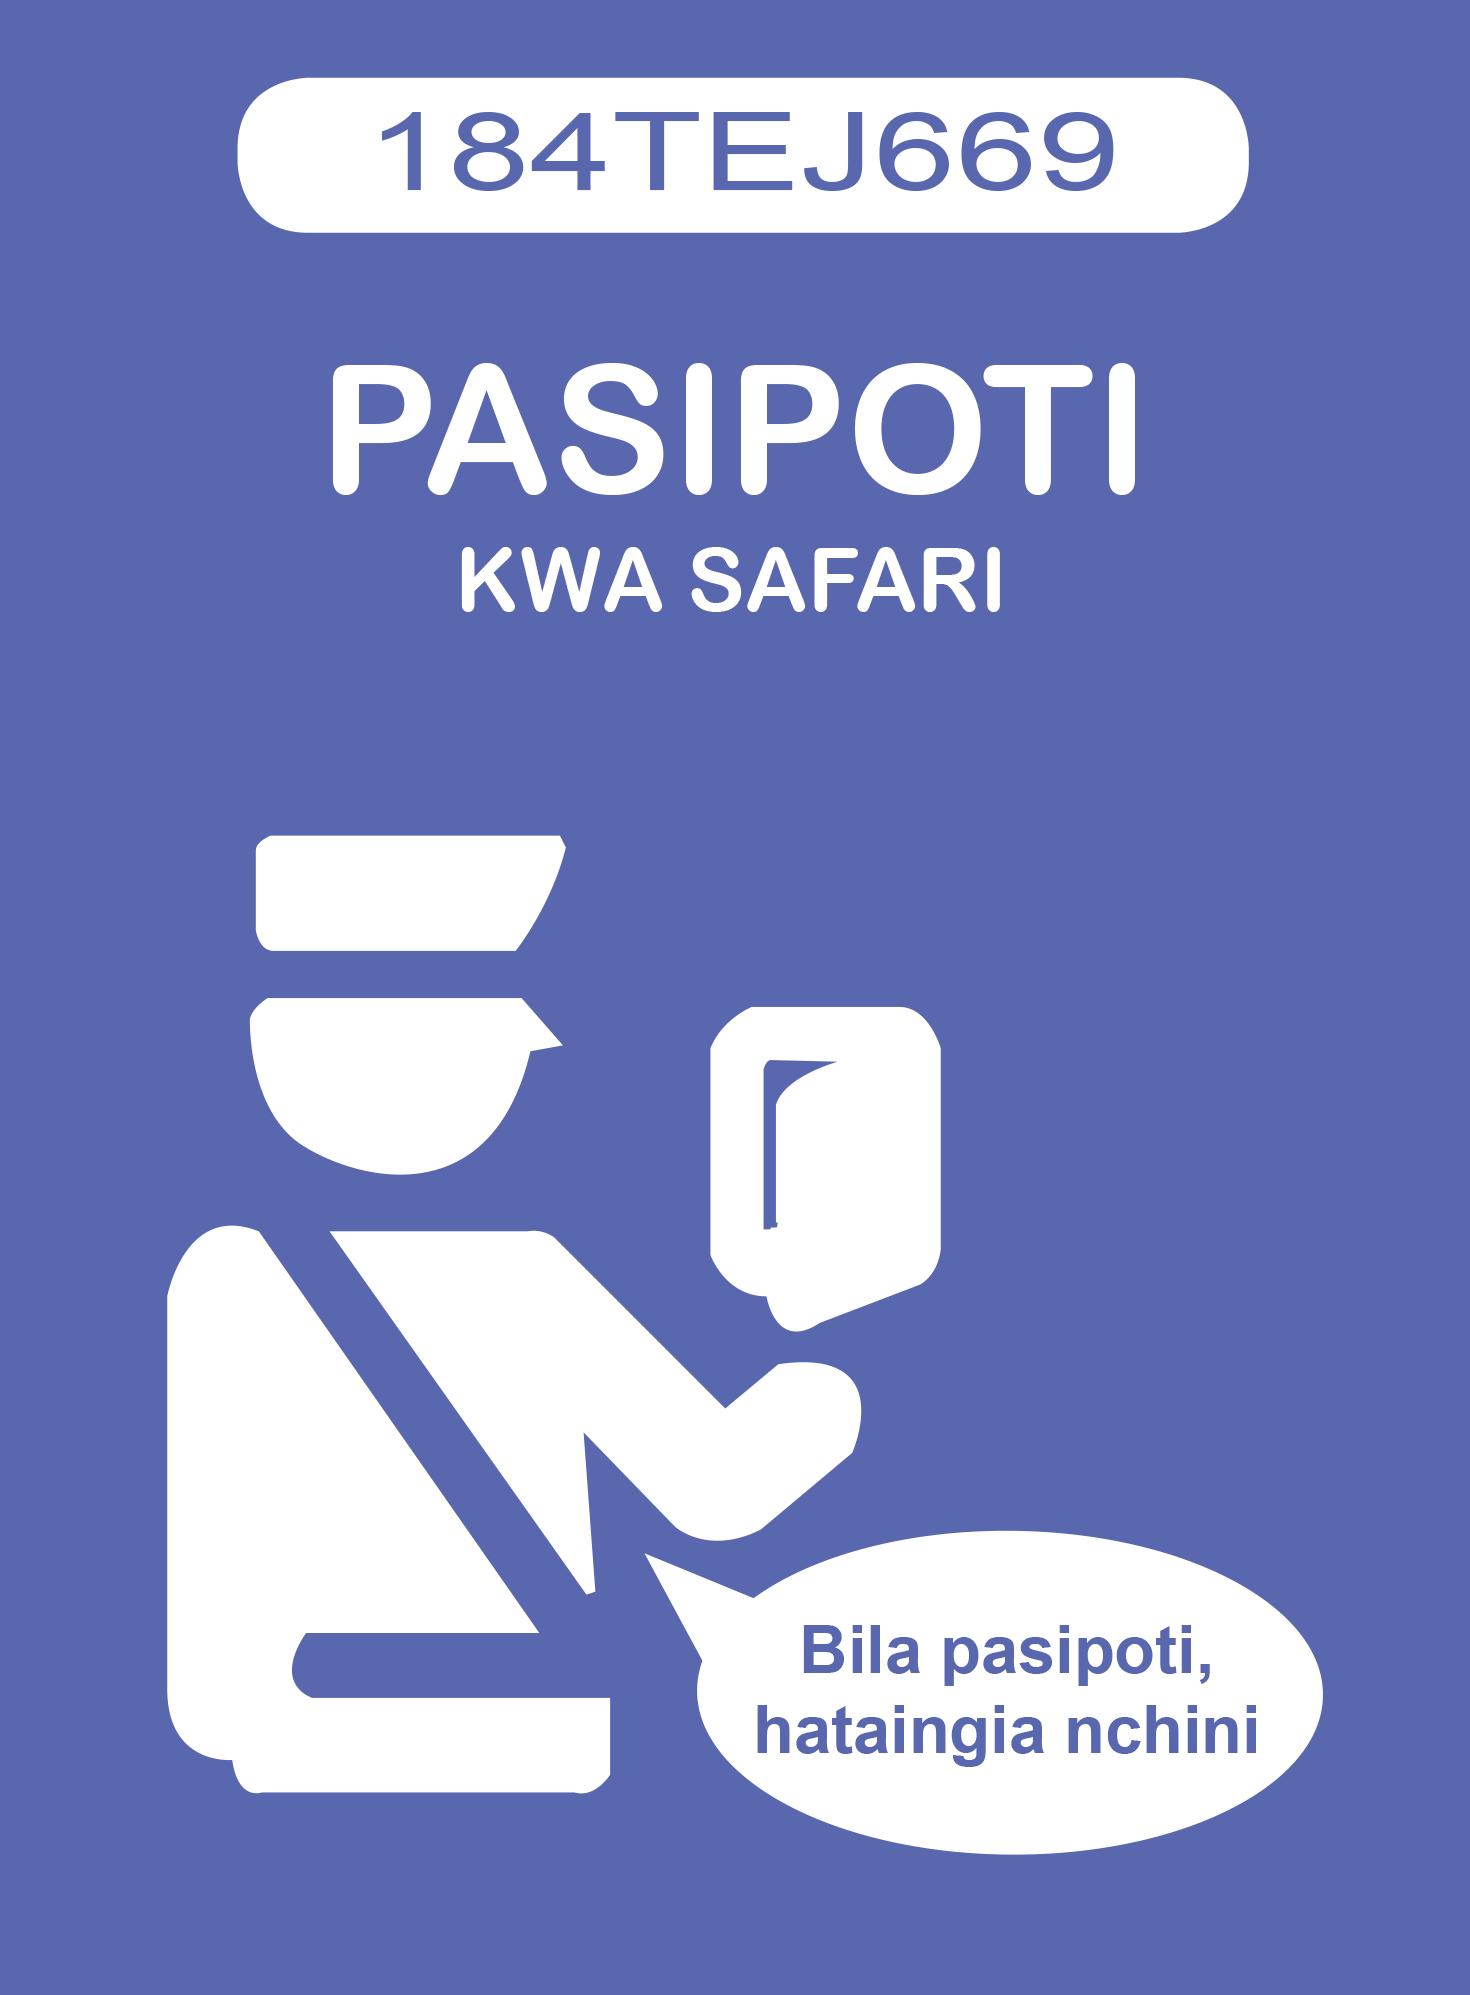 Bila Pasipoti. 12.5 x 17  cm final print-1.jpg